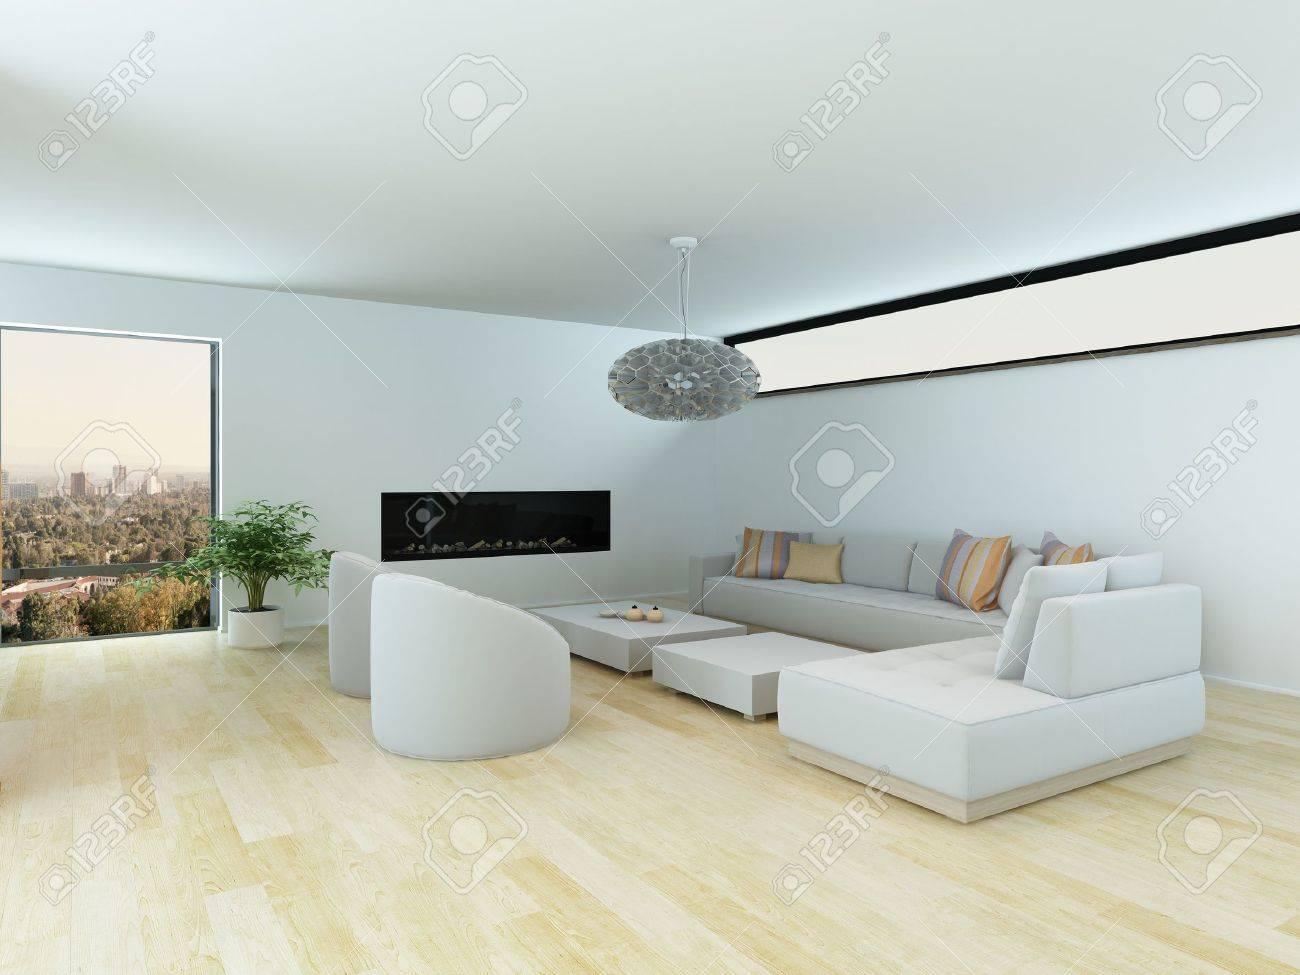 Moderne Wohnzimmer Mit Einem Weißen Modular Aufgebaute Suite Und Hellen  Parkettboden In Einem Minimalistischen Design Mit